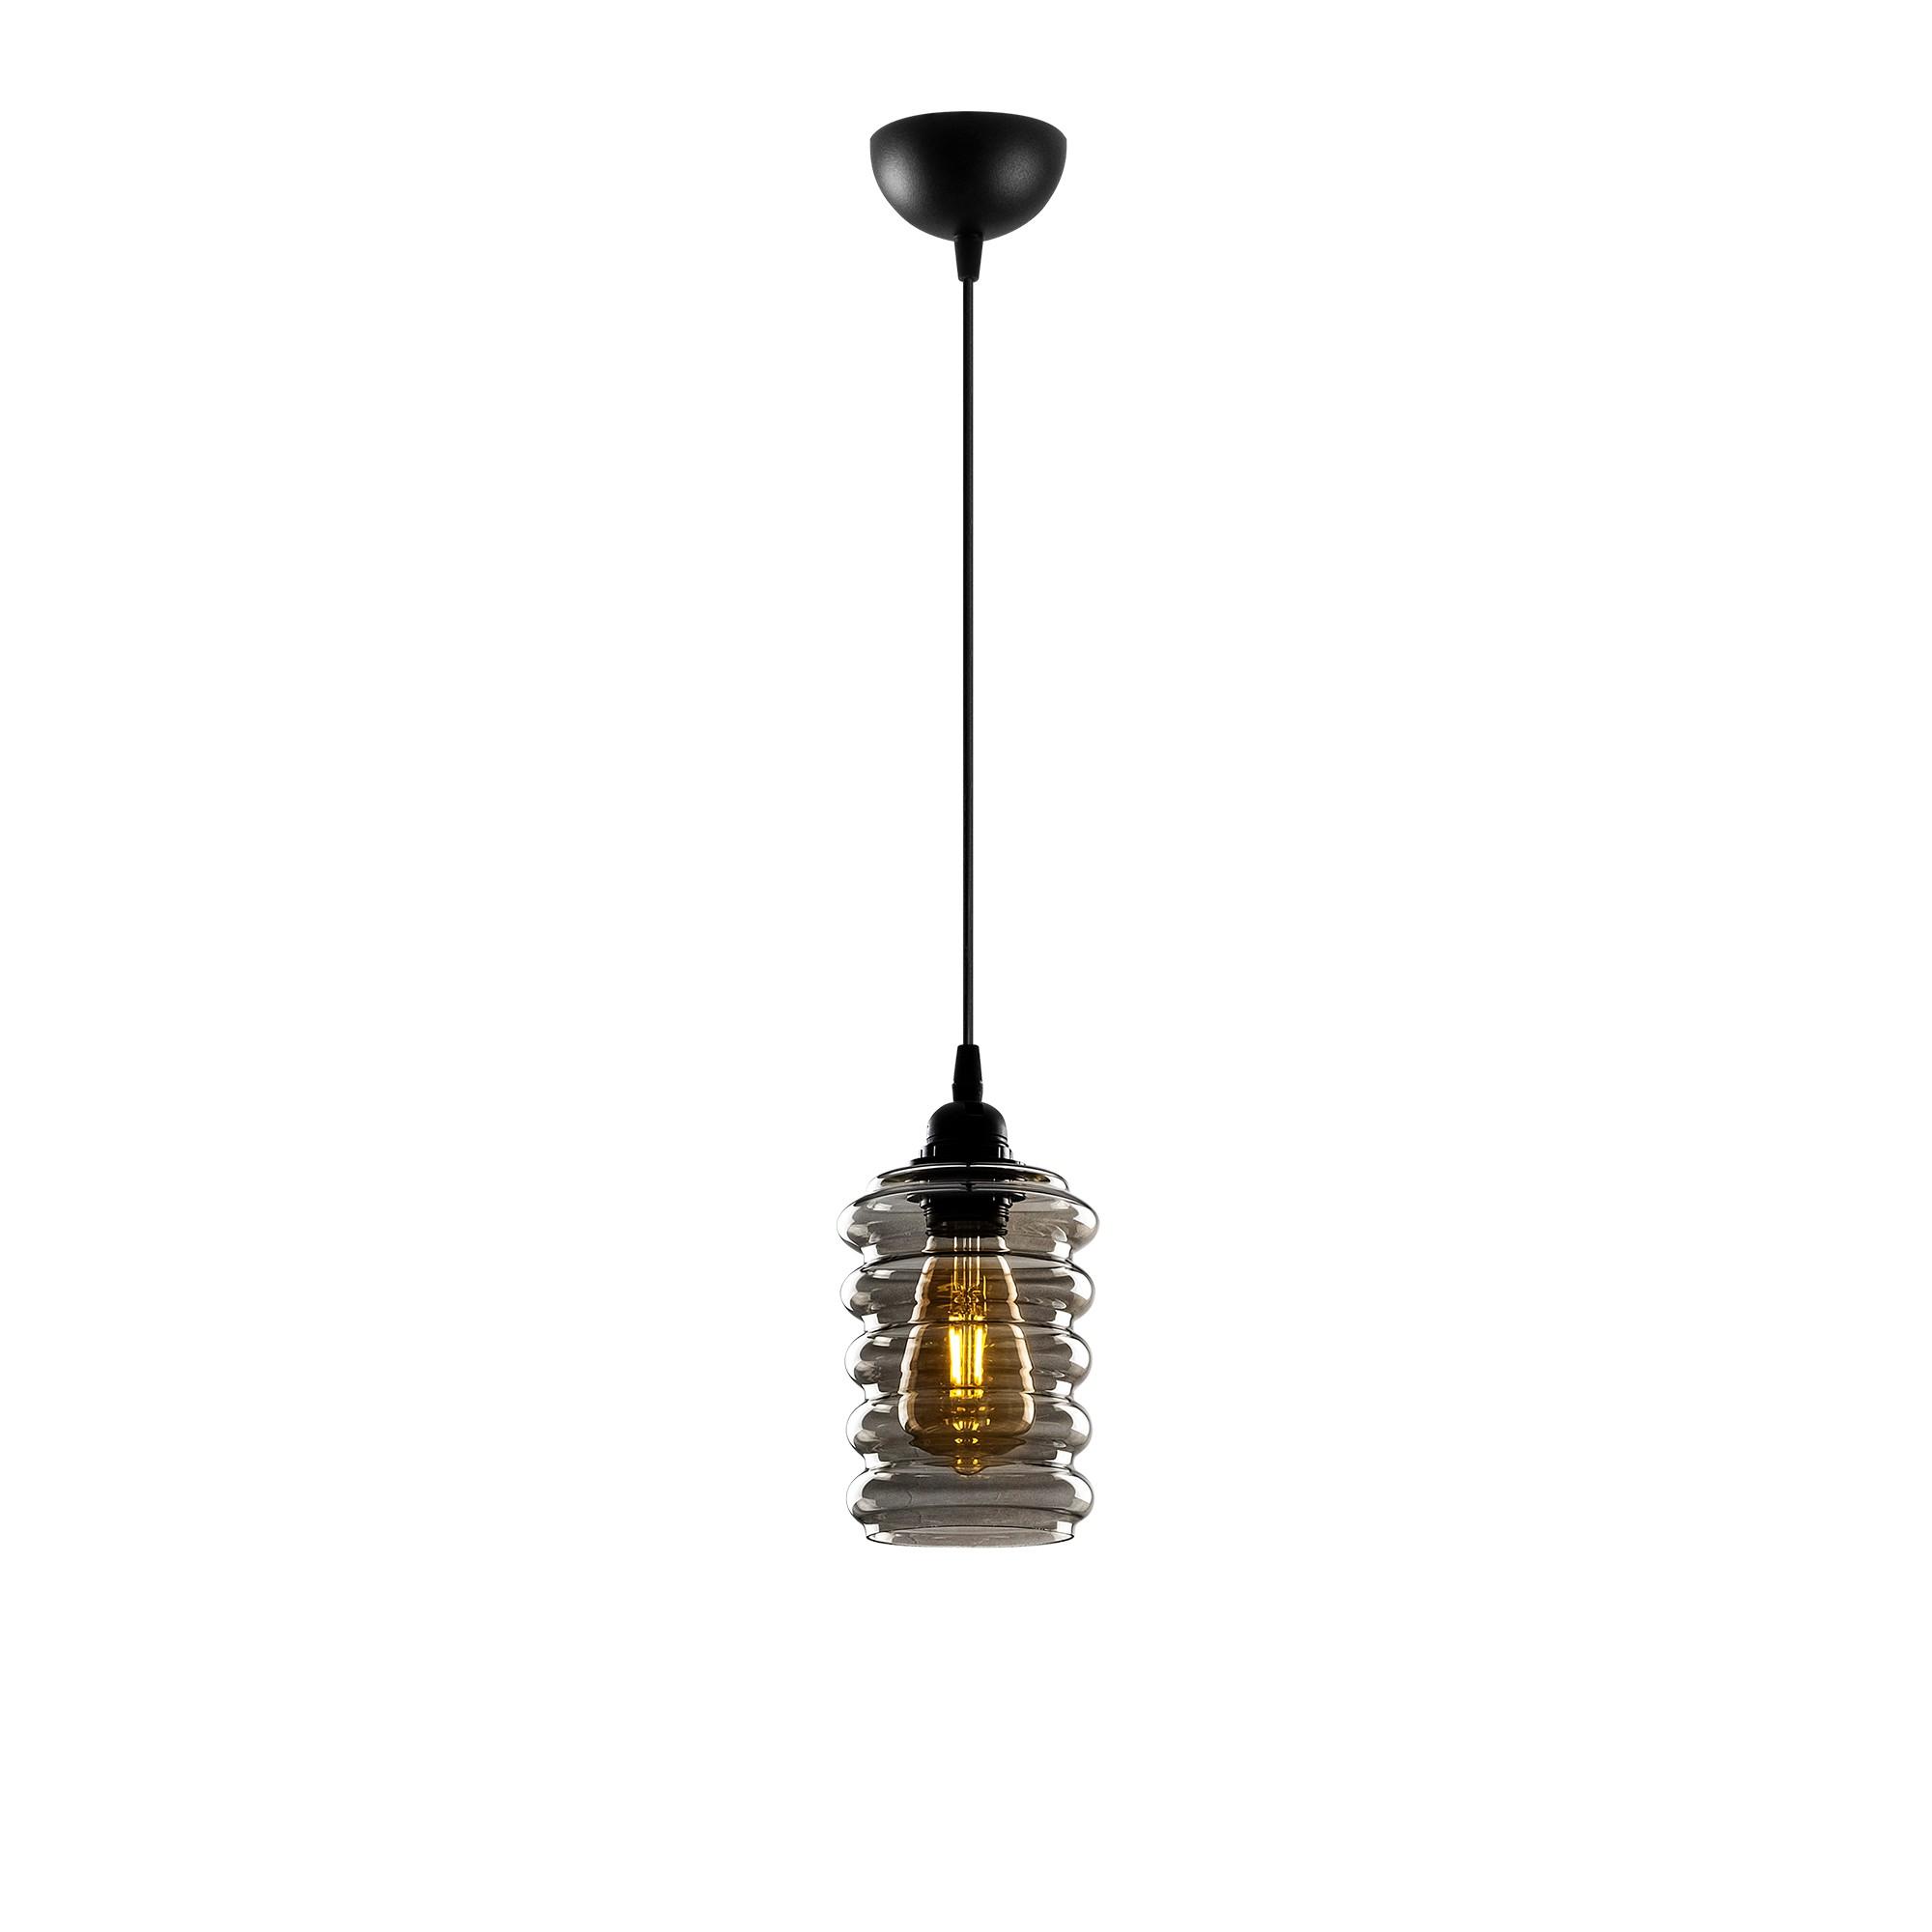 Hanglamp langwerpig smoked glass zwart e27 fitting - vooraanzicht lamp aan